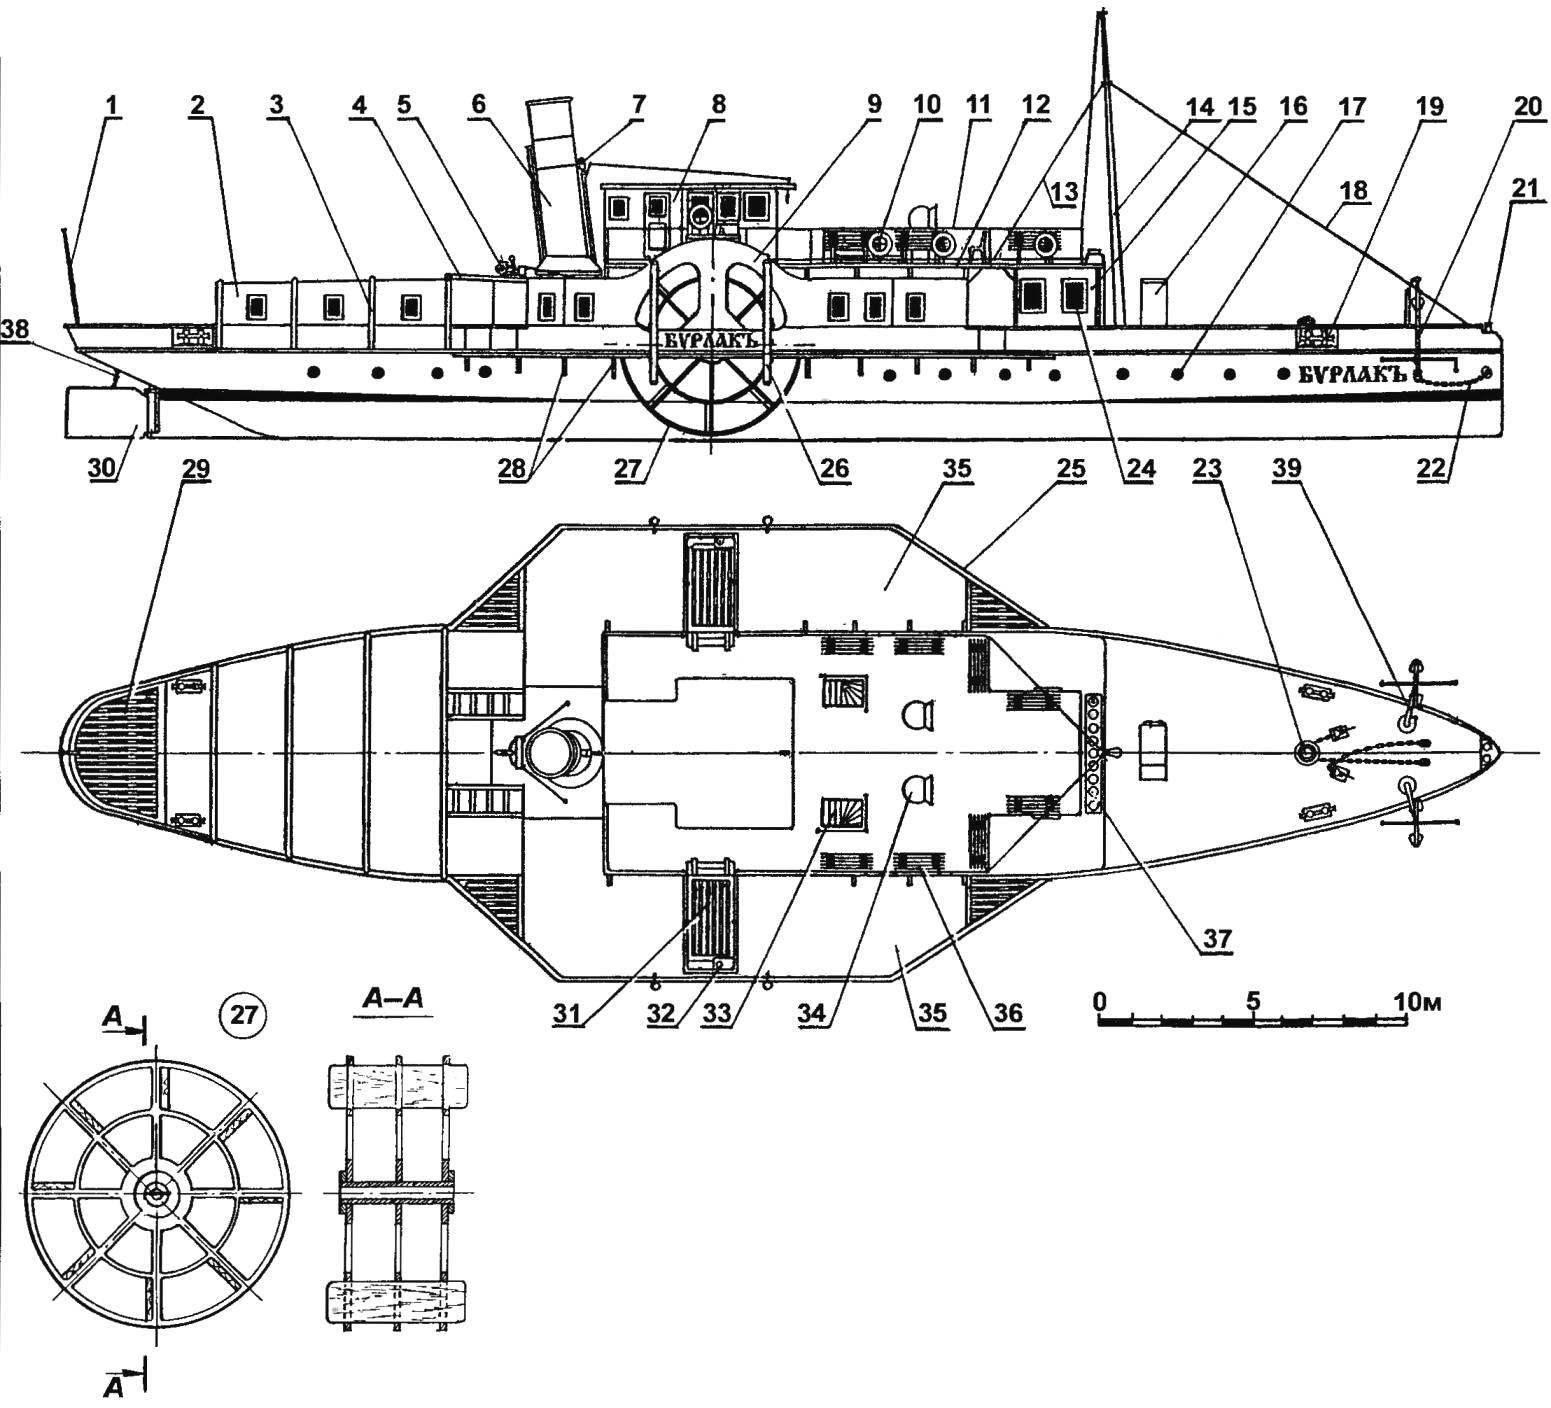 Товаро-пассажирский колесный пароход «БУРЛАКЪ»